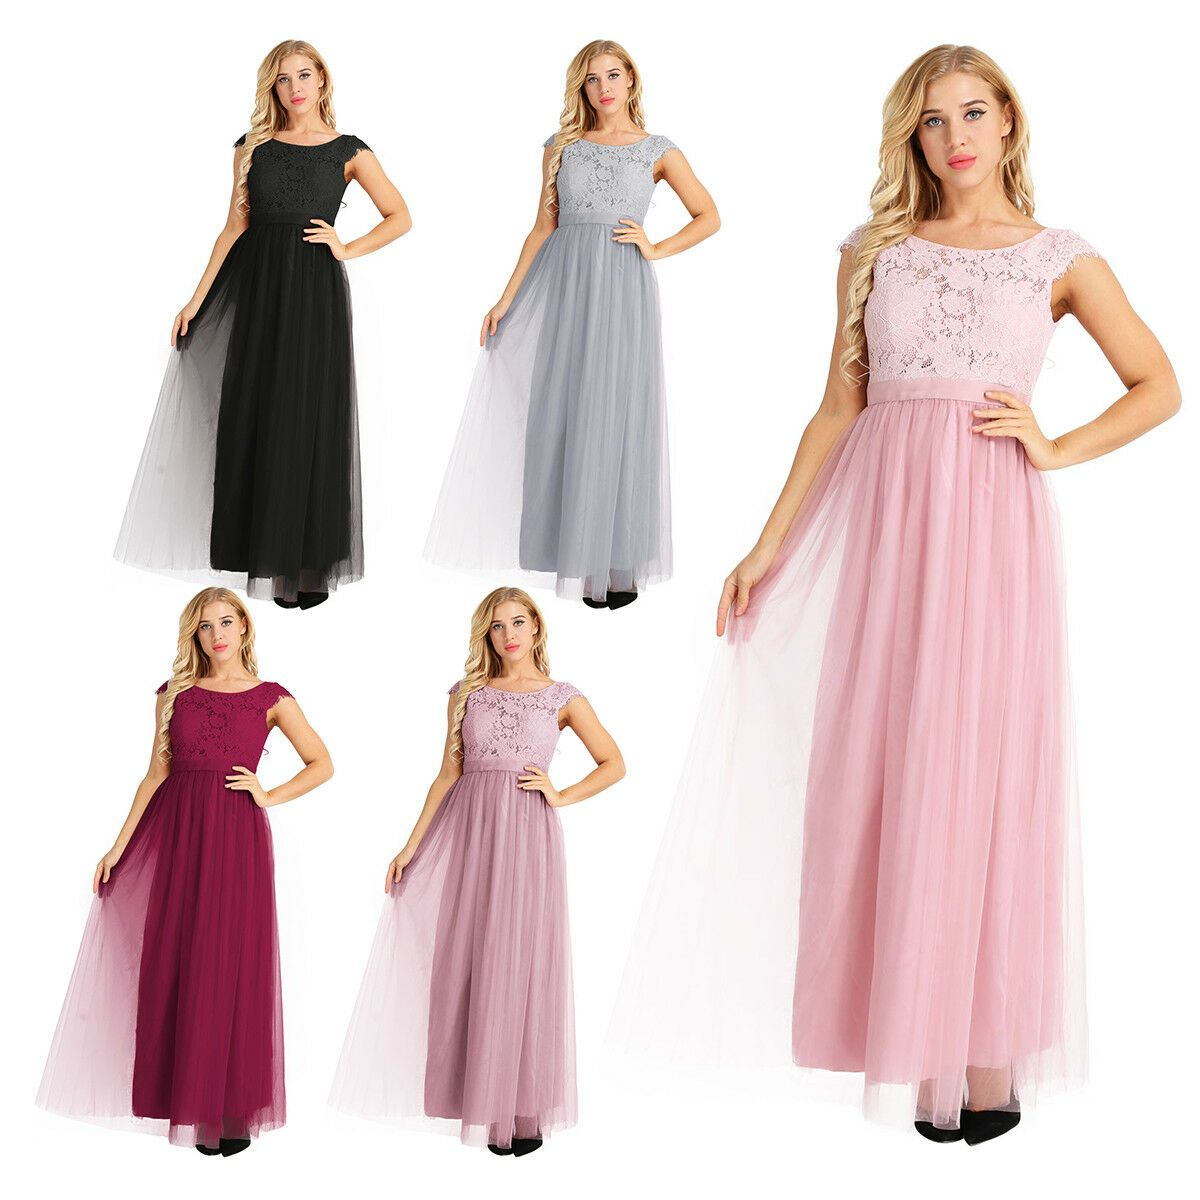 Damen Kleid Lang festlich Spitzenkleid Cocktailkleid Elegant